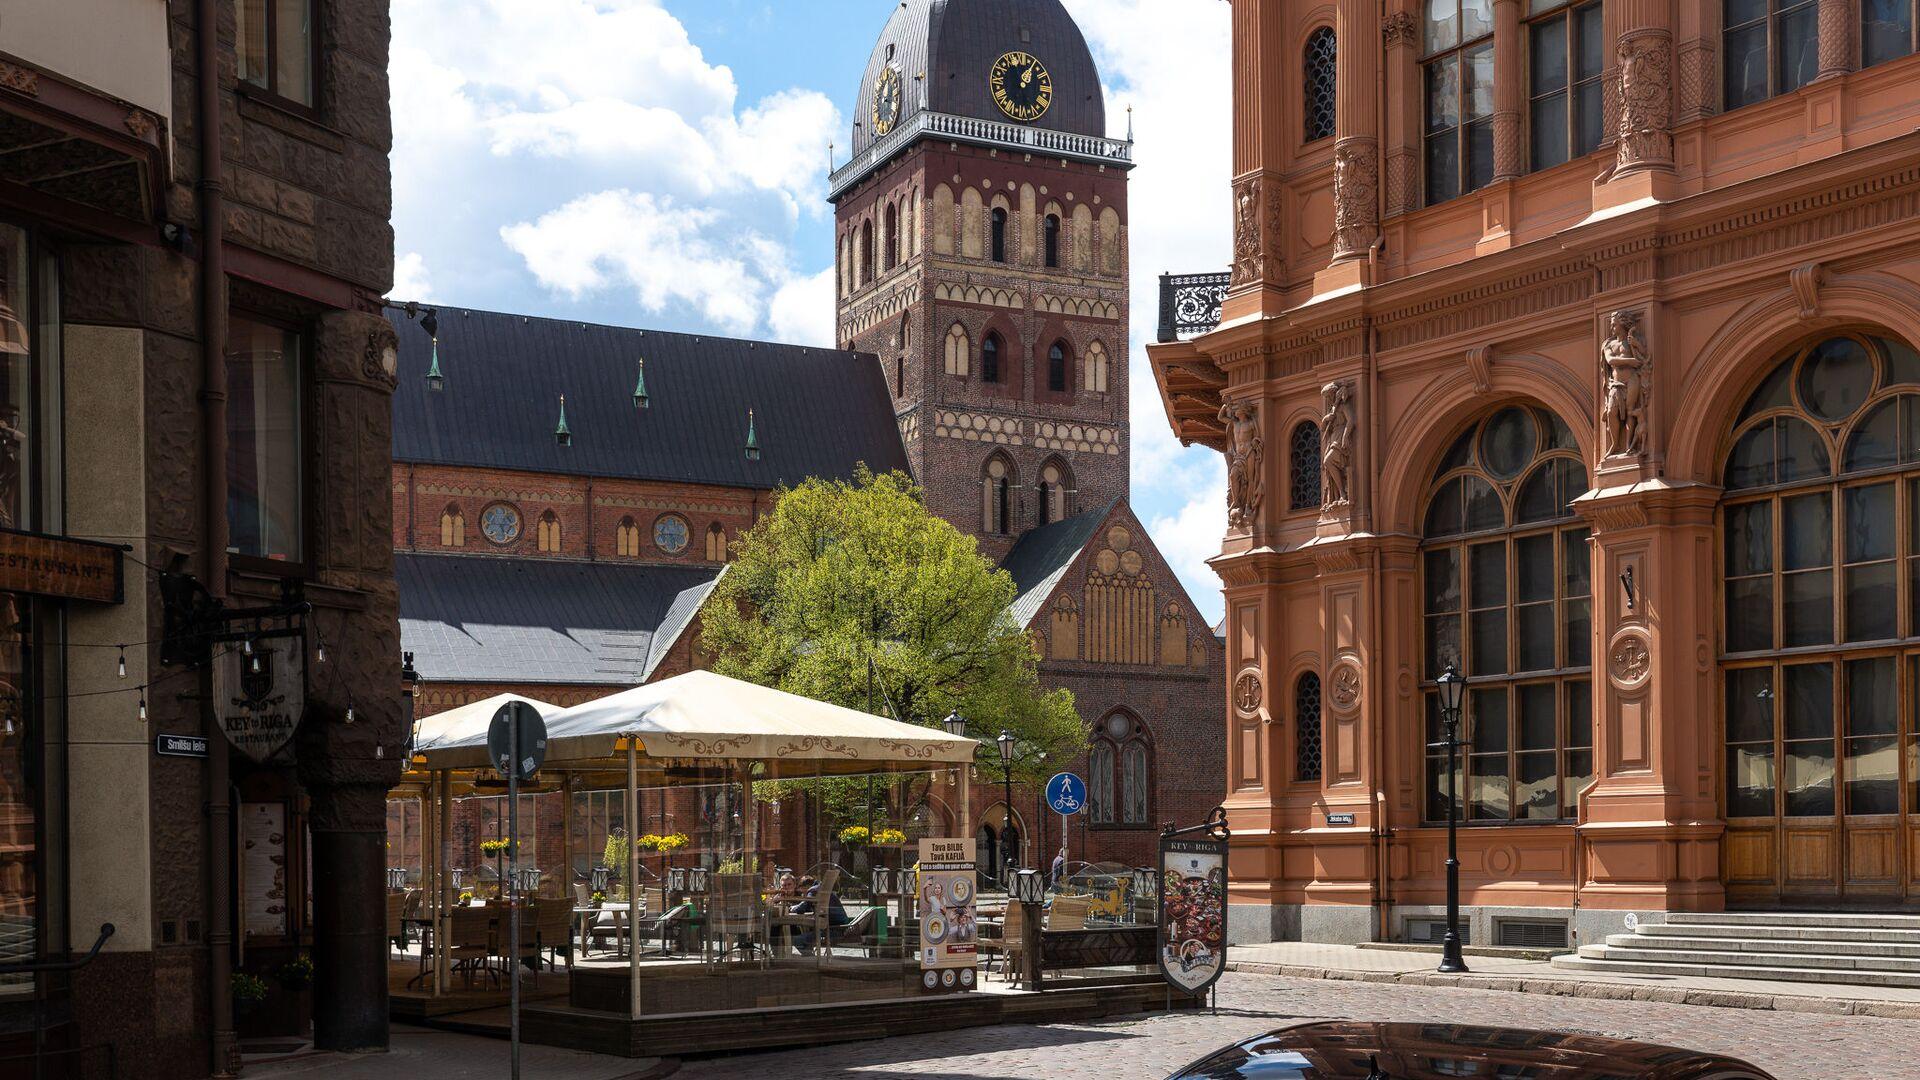 Улица Смилшу, Домская площадь и здание Рижской биржи - Sputnik Латвия, 1920, 04.09.2021